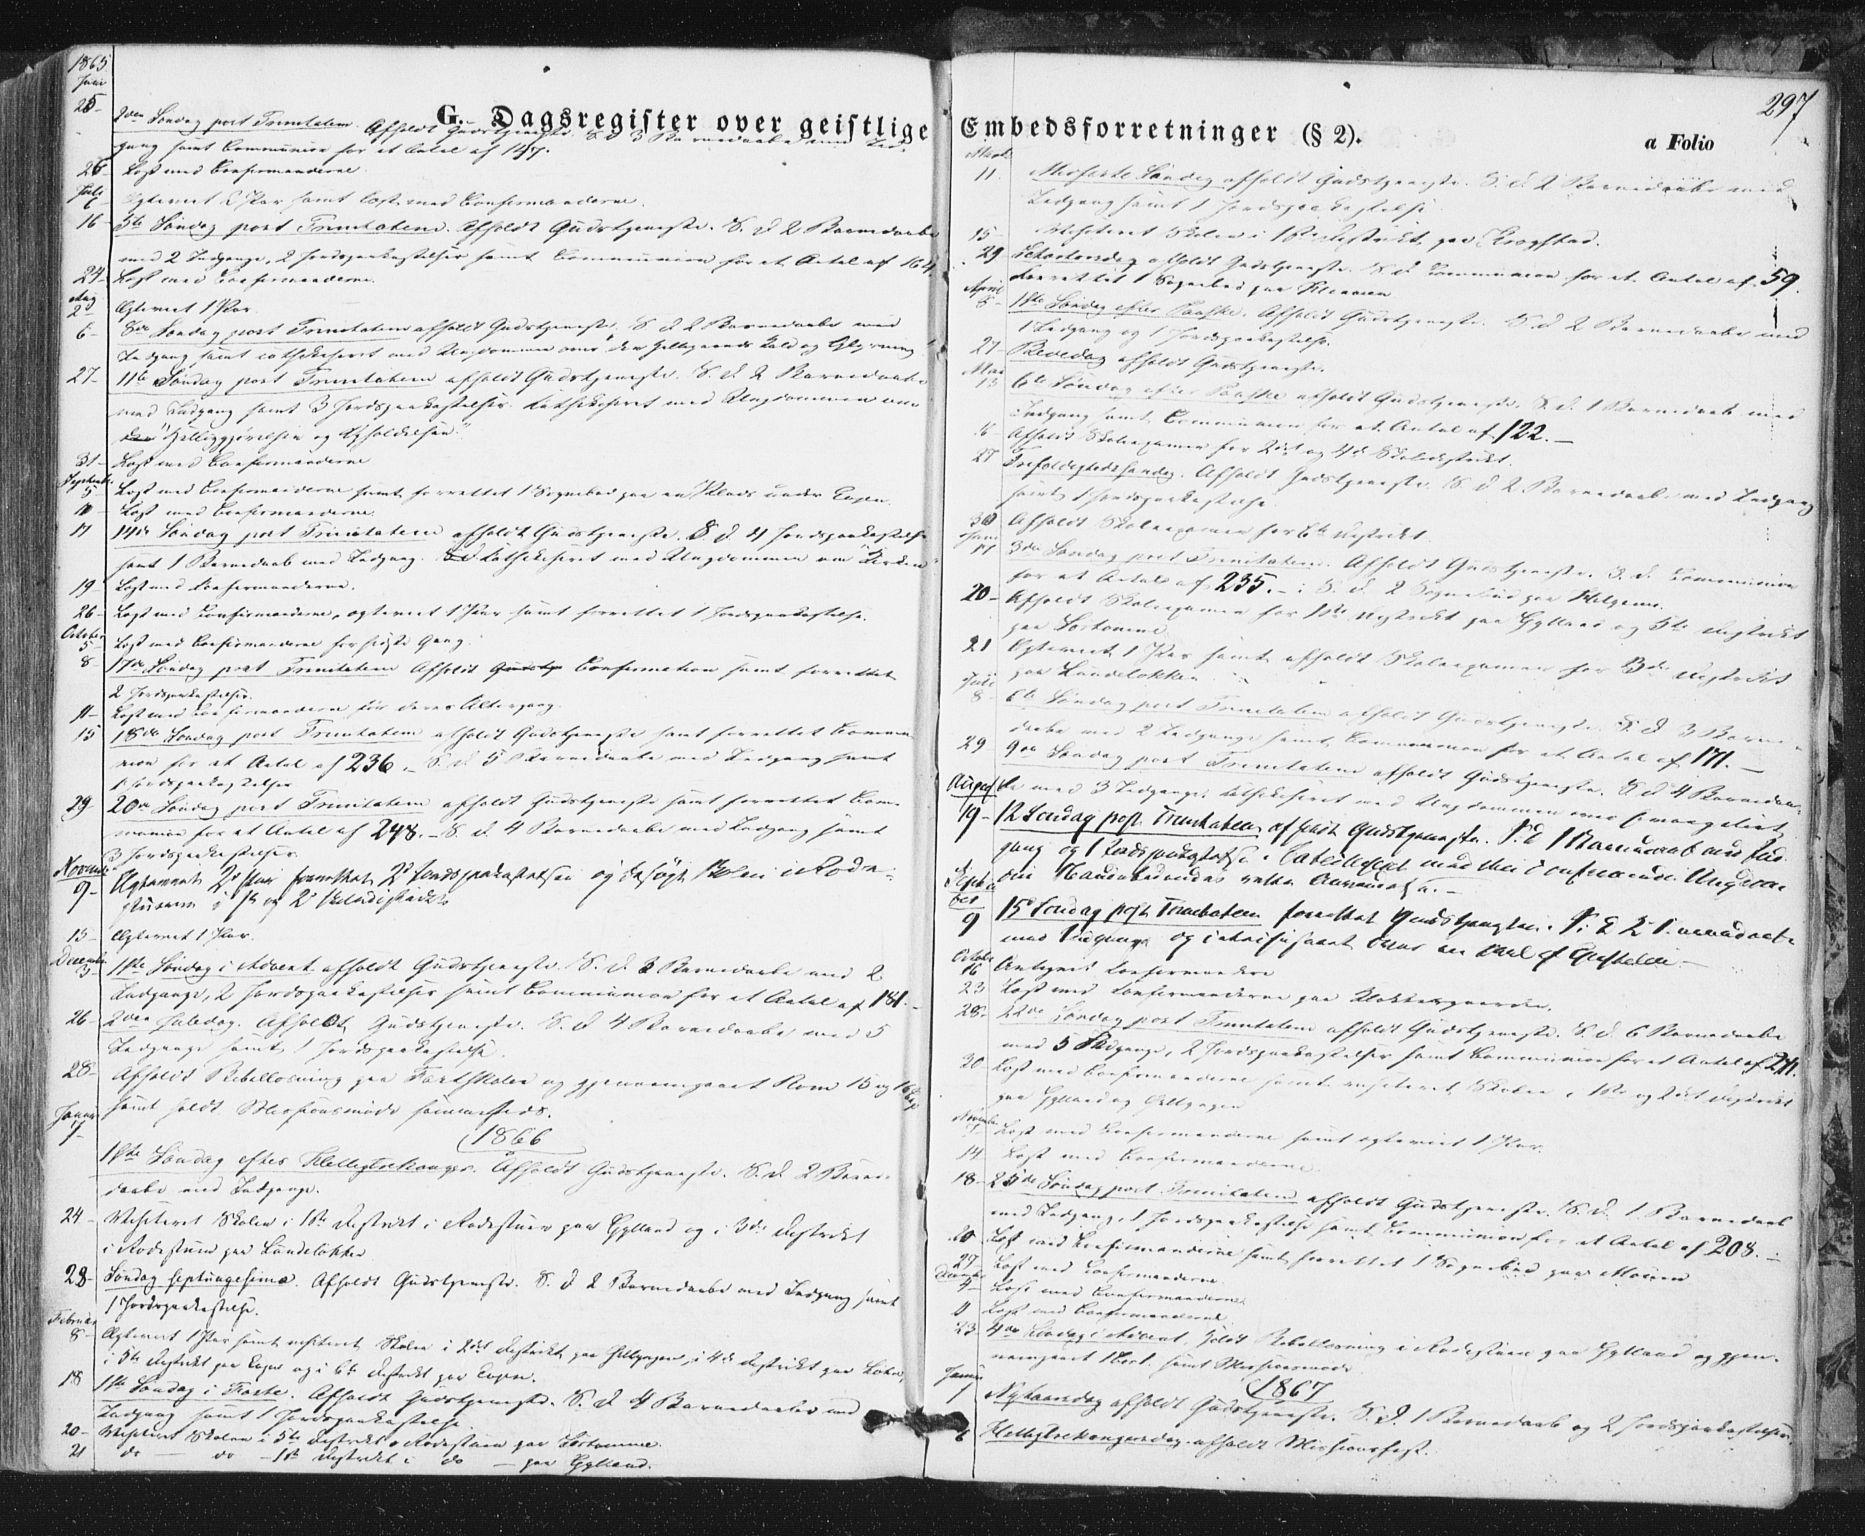 SAT, Ministerialprotokoller, klokkerbøker og fødselsregistre - Sør-Trøndelag, 692/L1103: Ministerialbok nr. 692A03, 1849-1870, s. 297